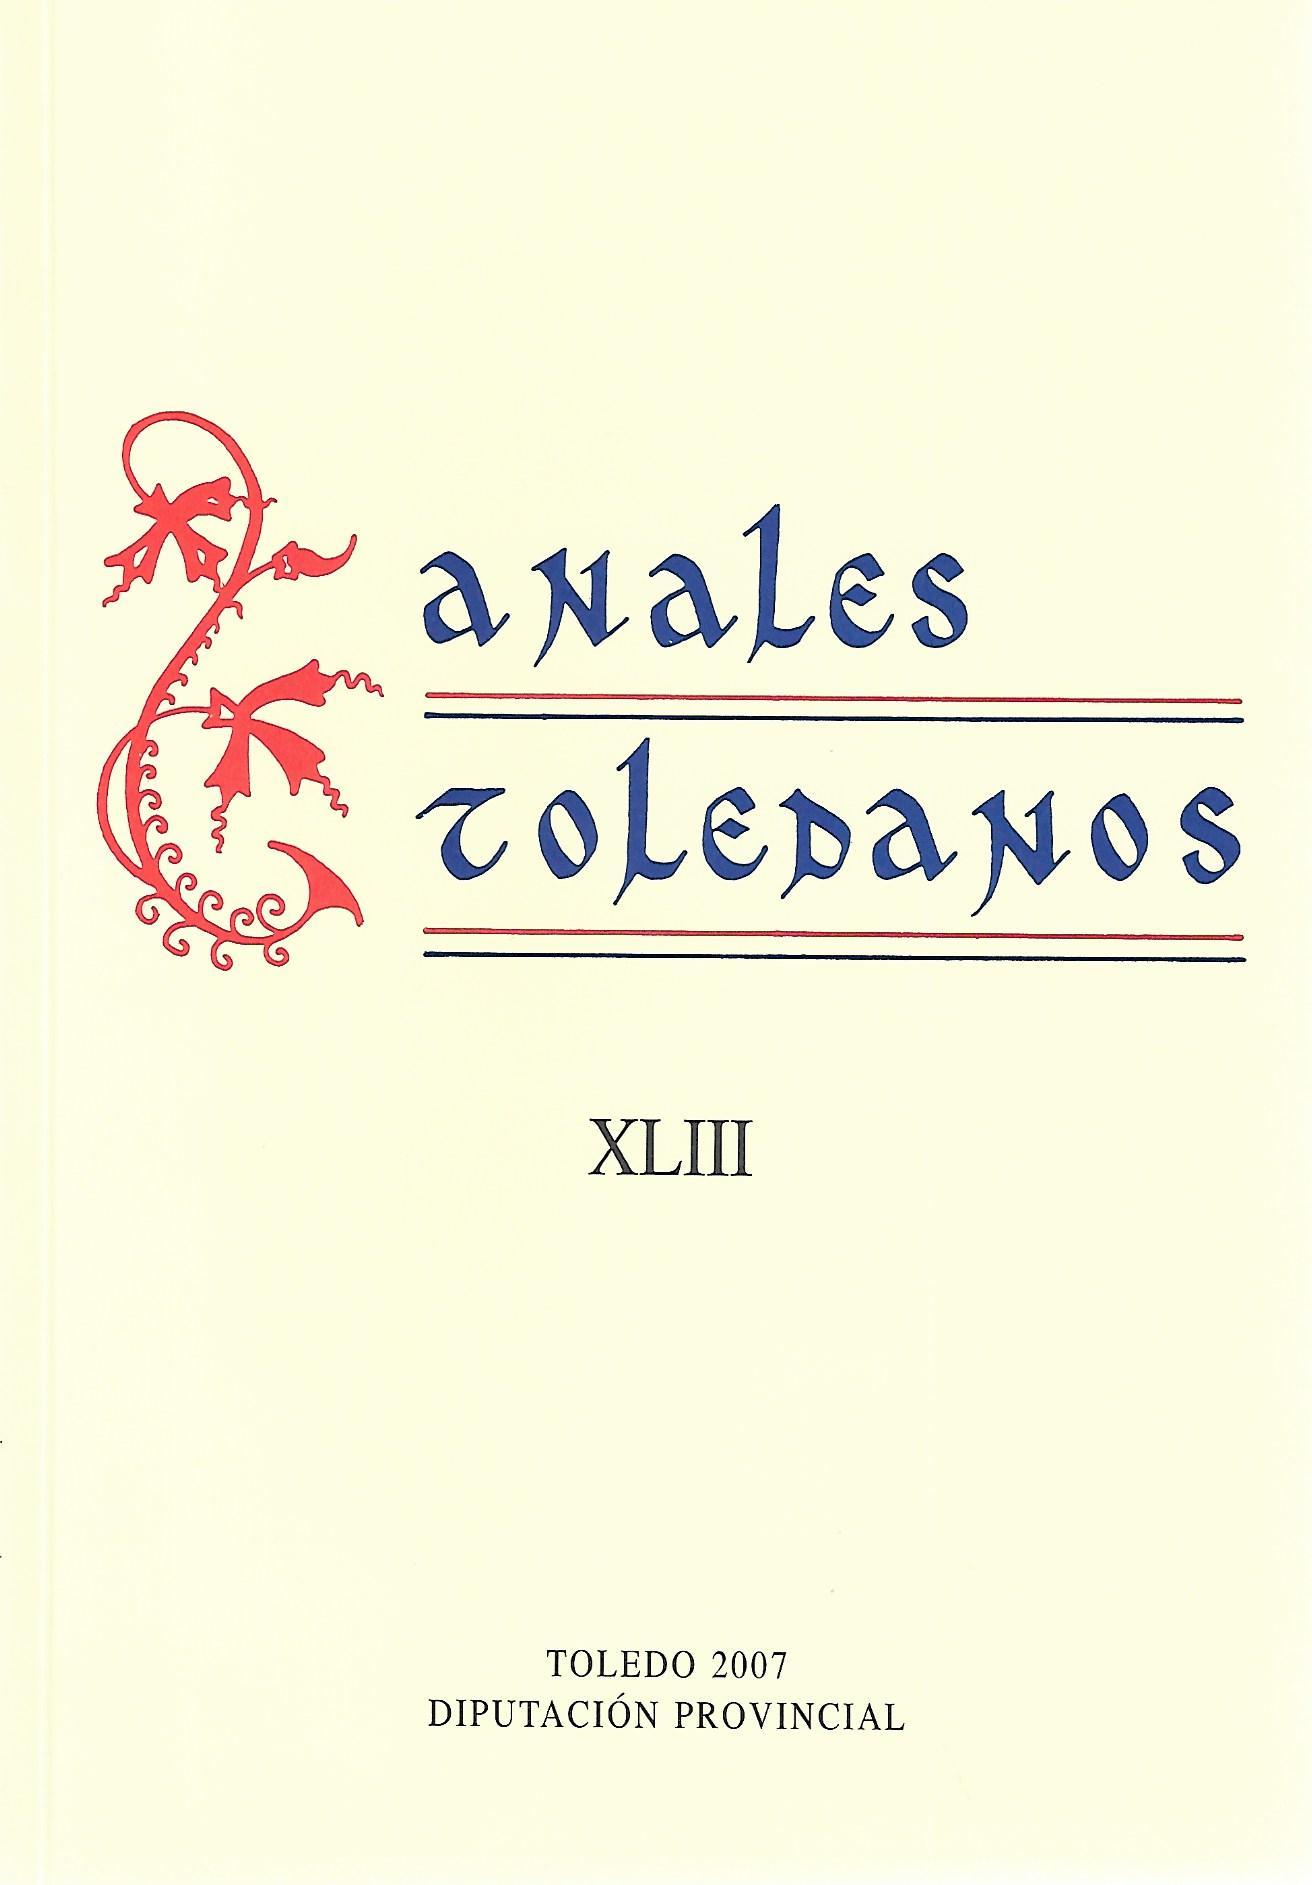 Anales Toledanos XLIII